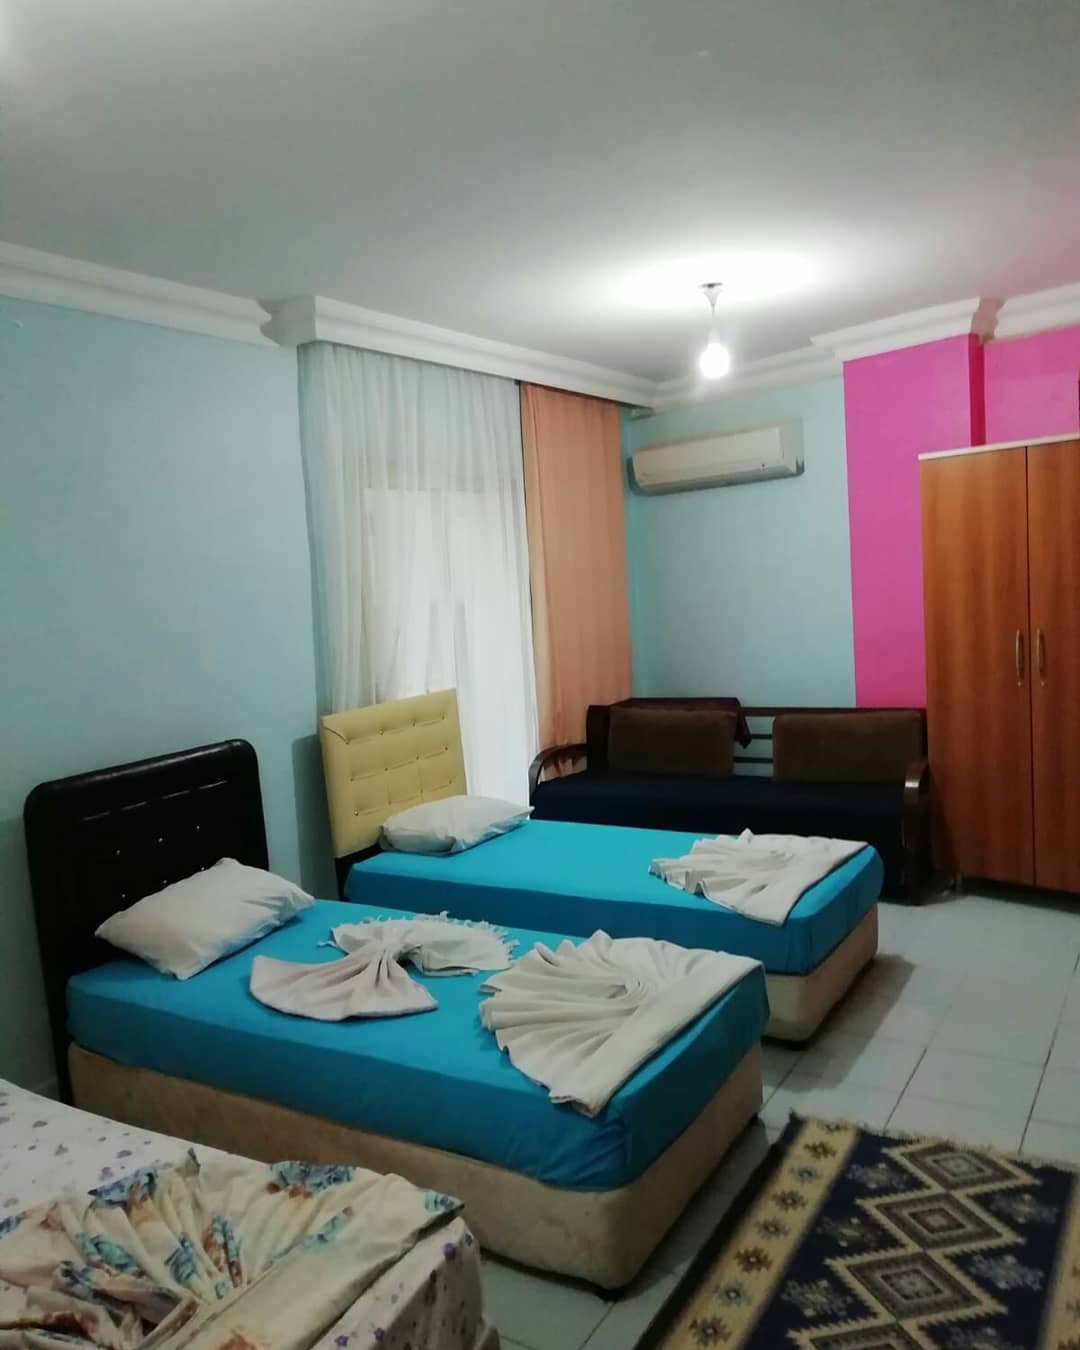 WhiteBlue Sevgi Otel, Antalya, Kepez, 39951